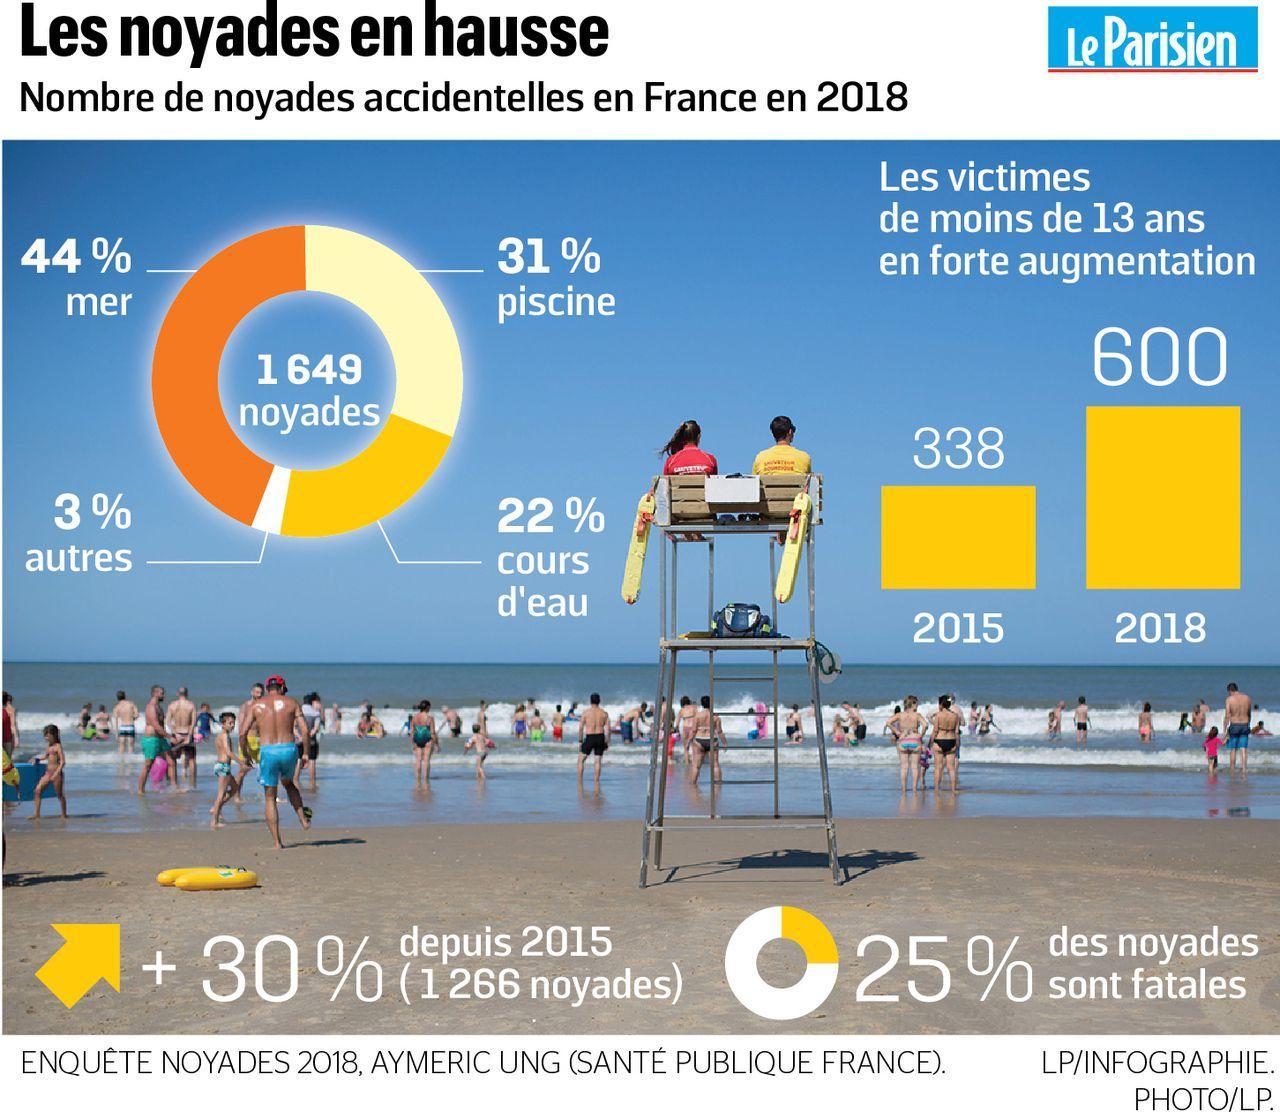 Le bilan des noyades en forte hausse : près de 600 morts durant l'été 2018